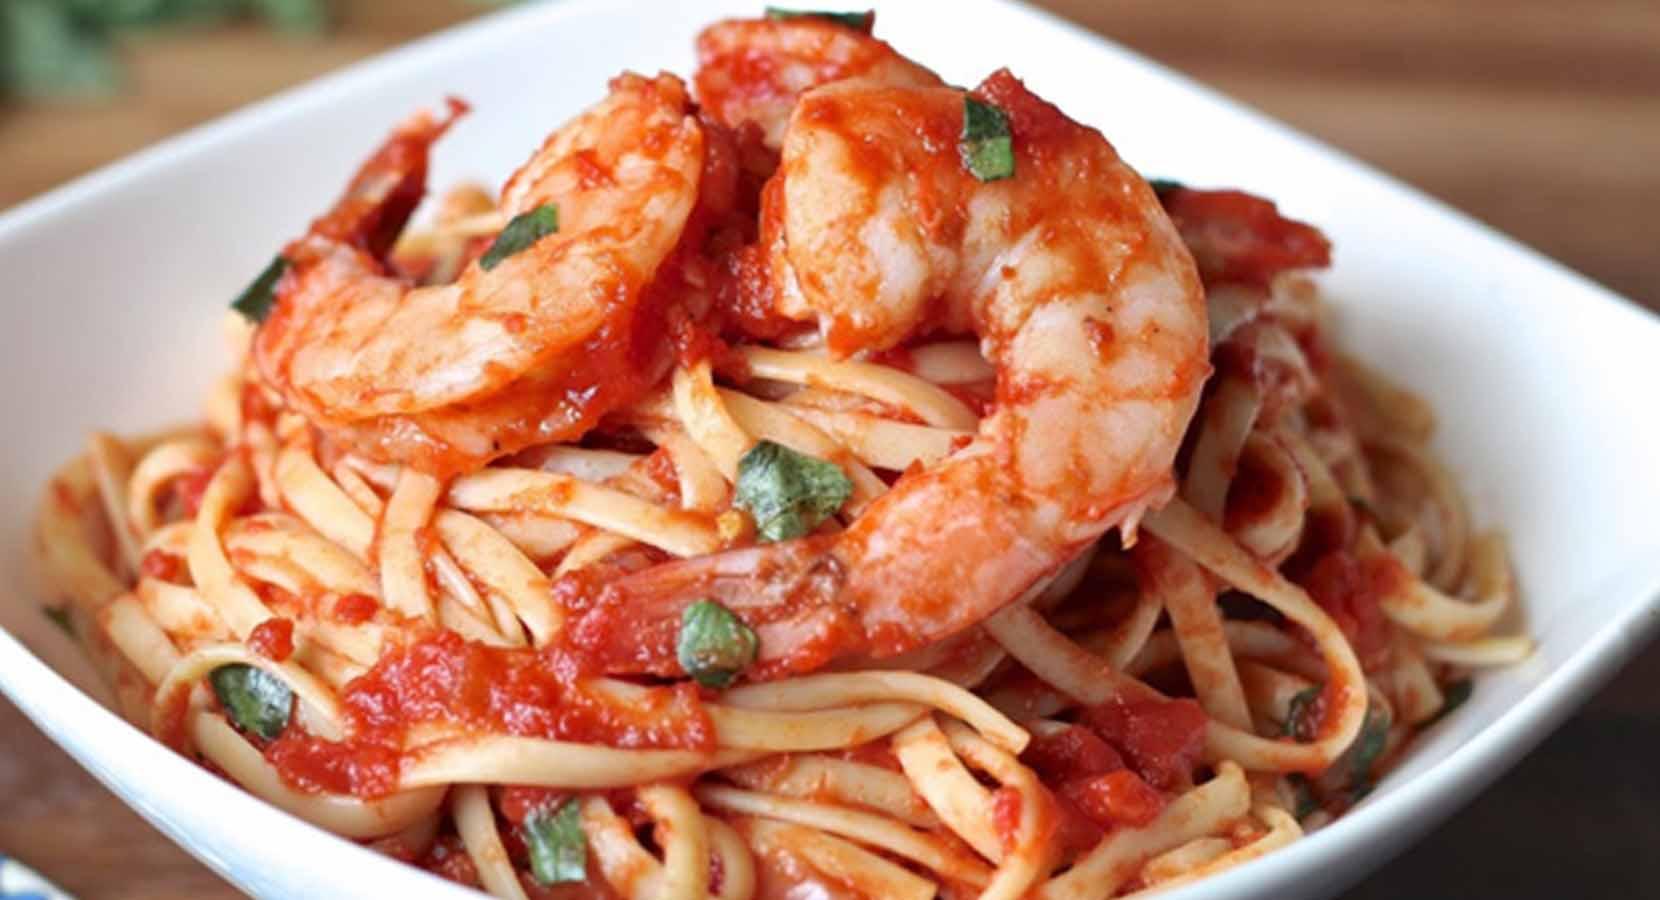 Best Seafood Restaurant In Staten Island